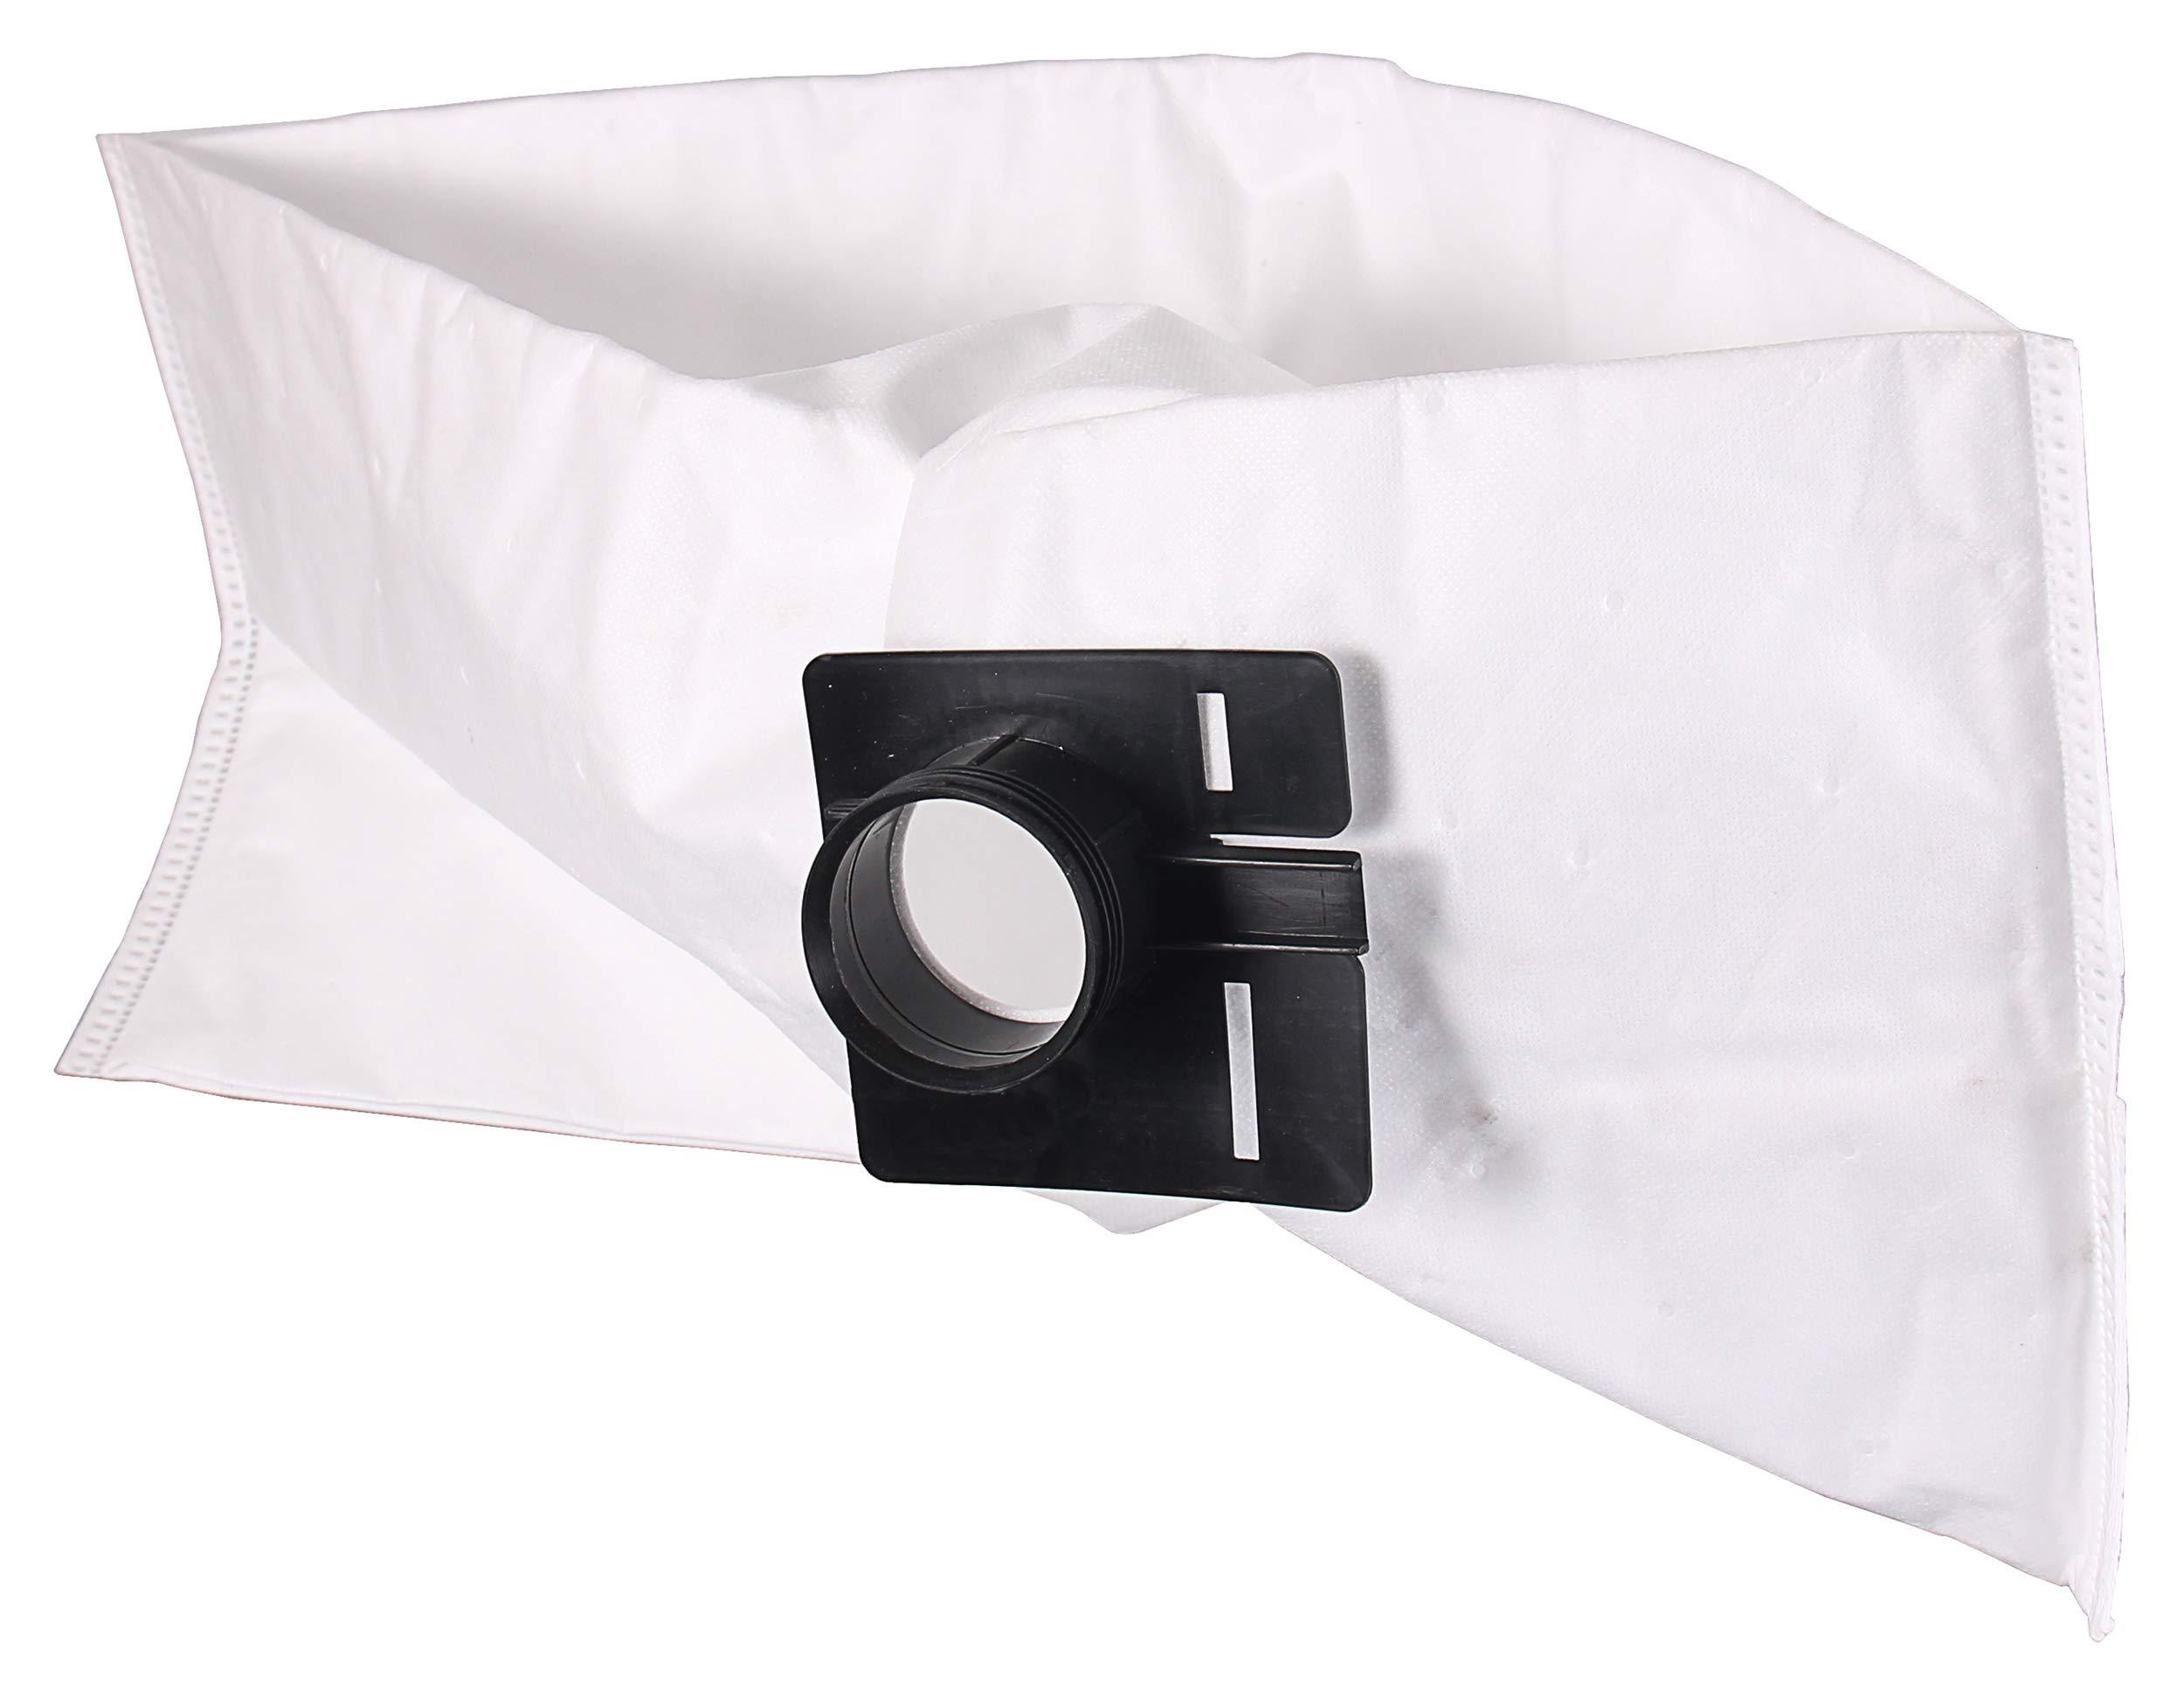 blupalu - Bolsas para aspiradoras Festool Cleantec CTL22E-SG CTL 22 E-SG I (20 Unidades): Amazon.es: Hogar